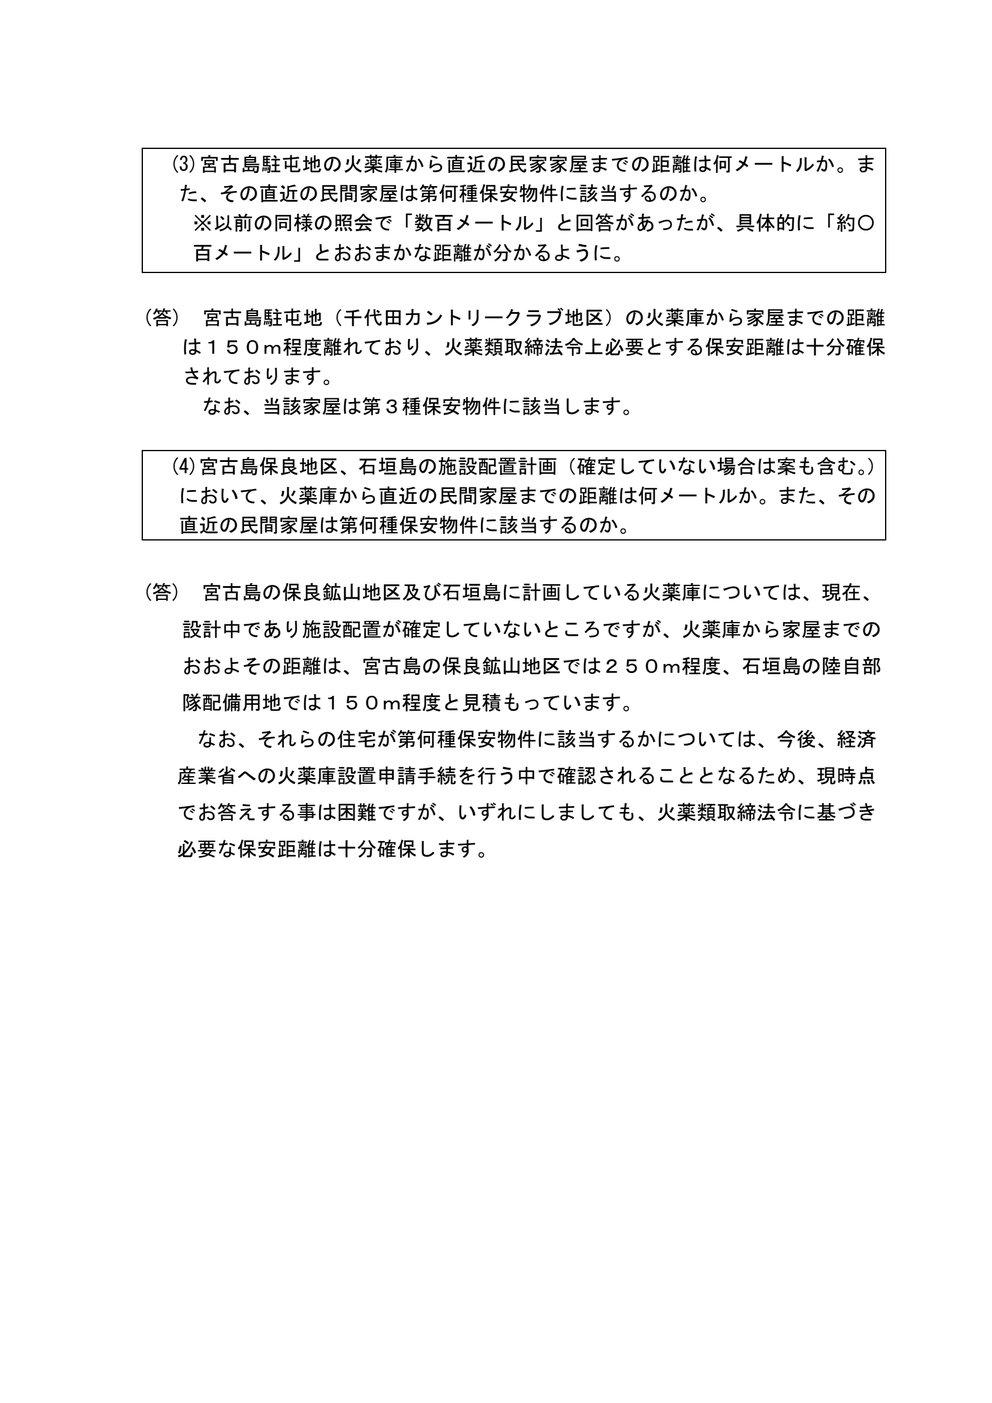 1970号 自衛隊の島しょ配備等について(回答)0005[1]